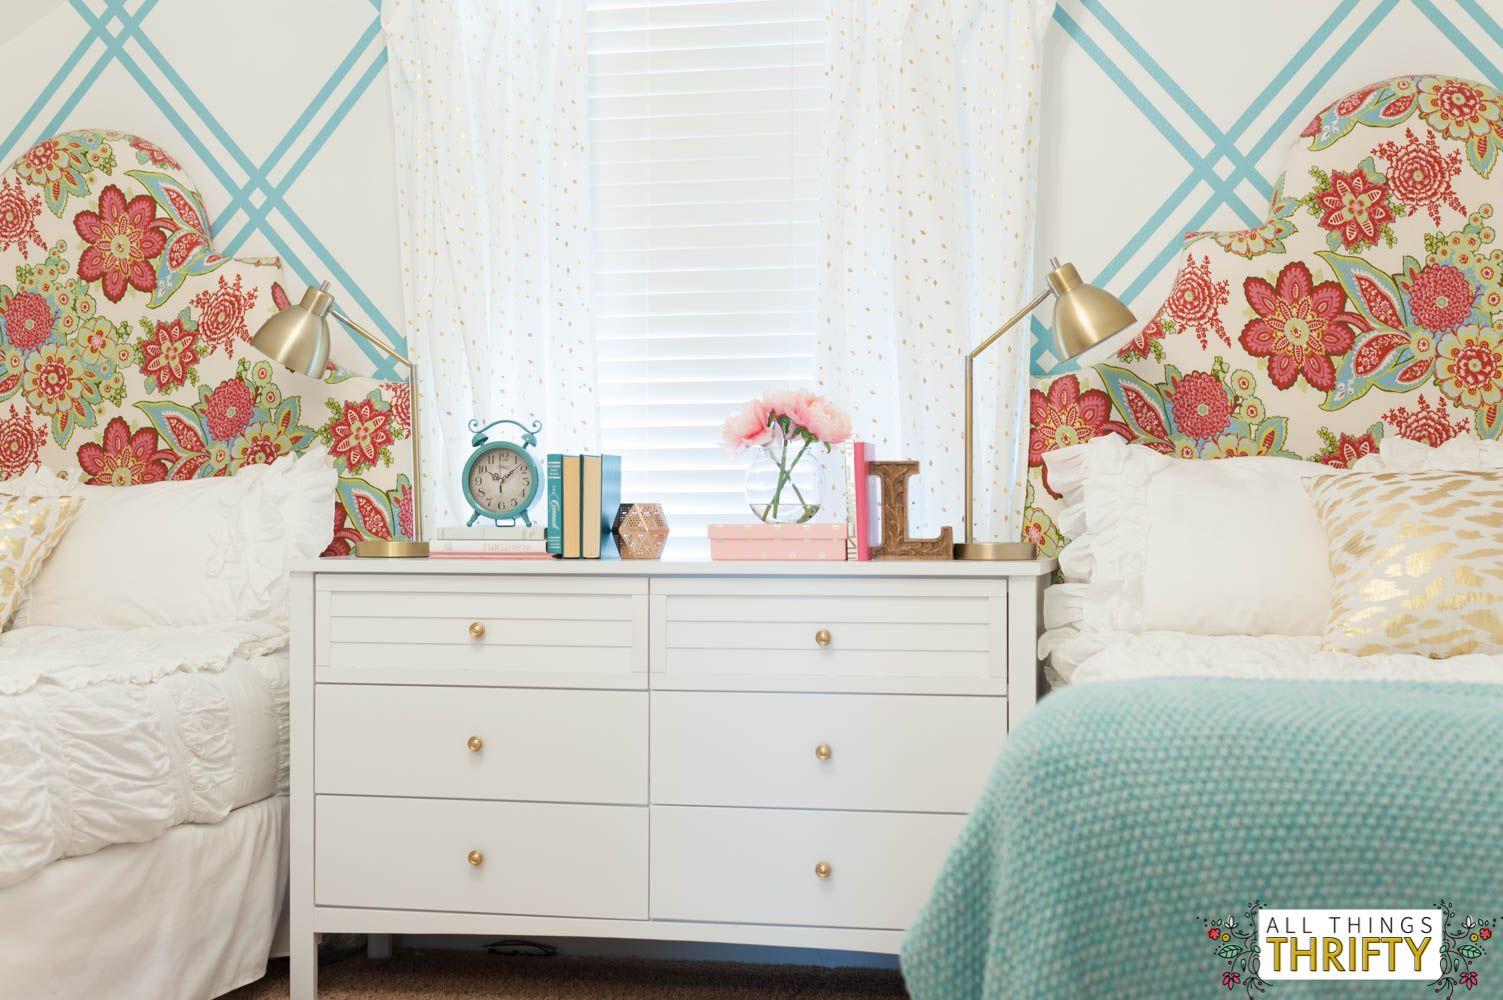 designing of tween amusing room bedroom pictures teens rooms design decor teenage ideas home